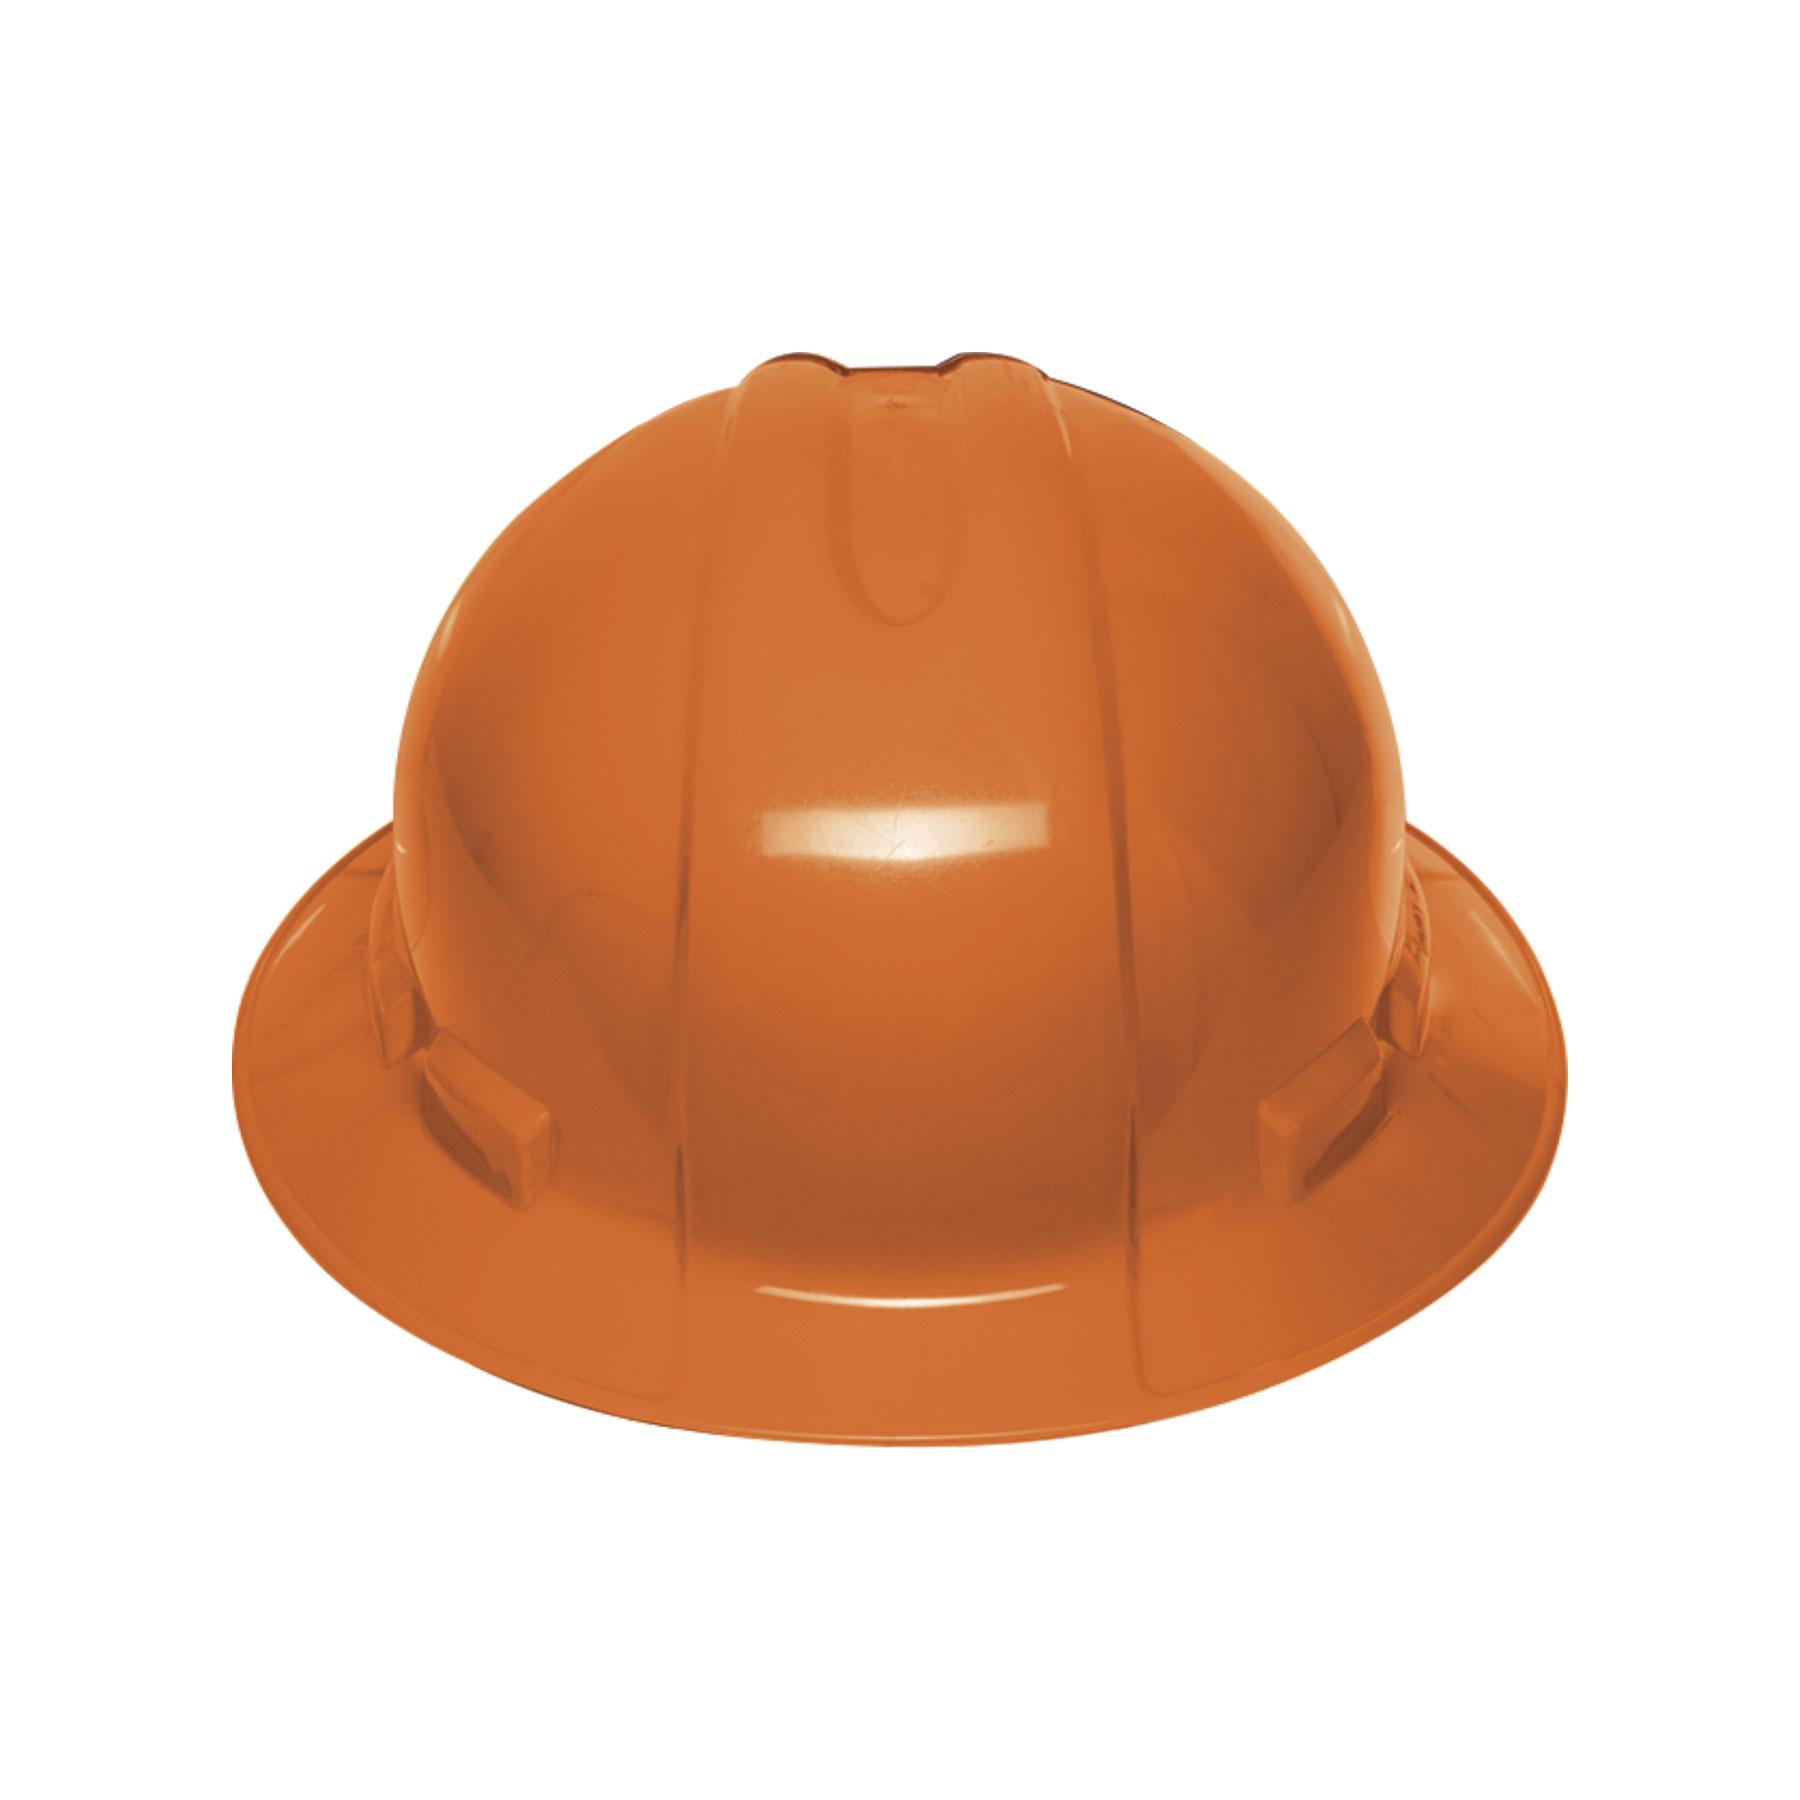 Casco de seguridad, naranja, ala ancha